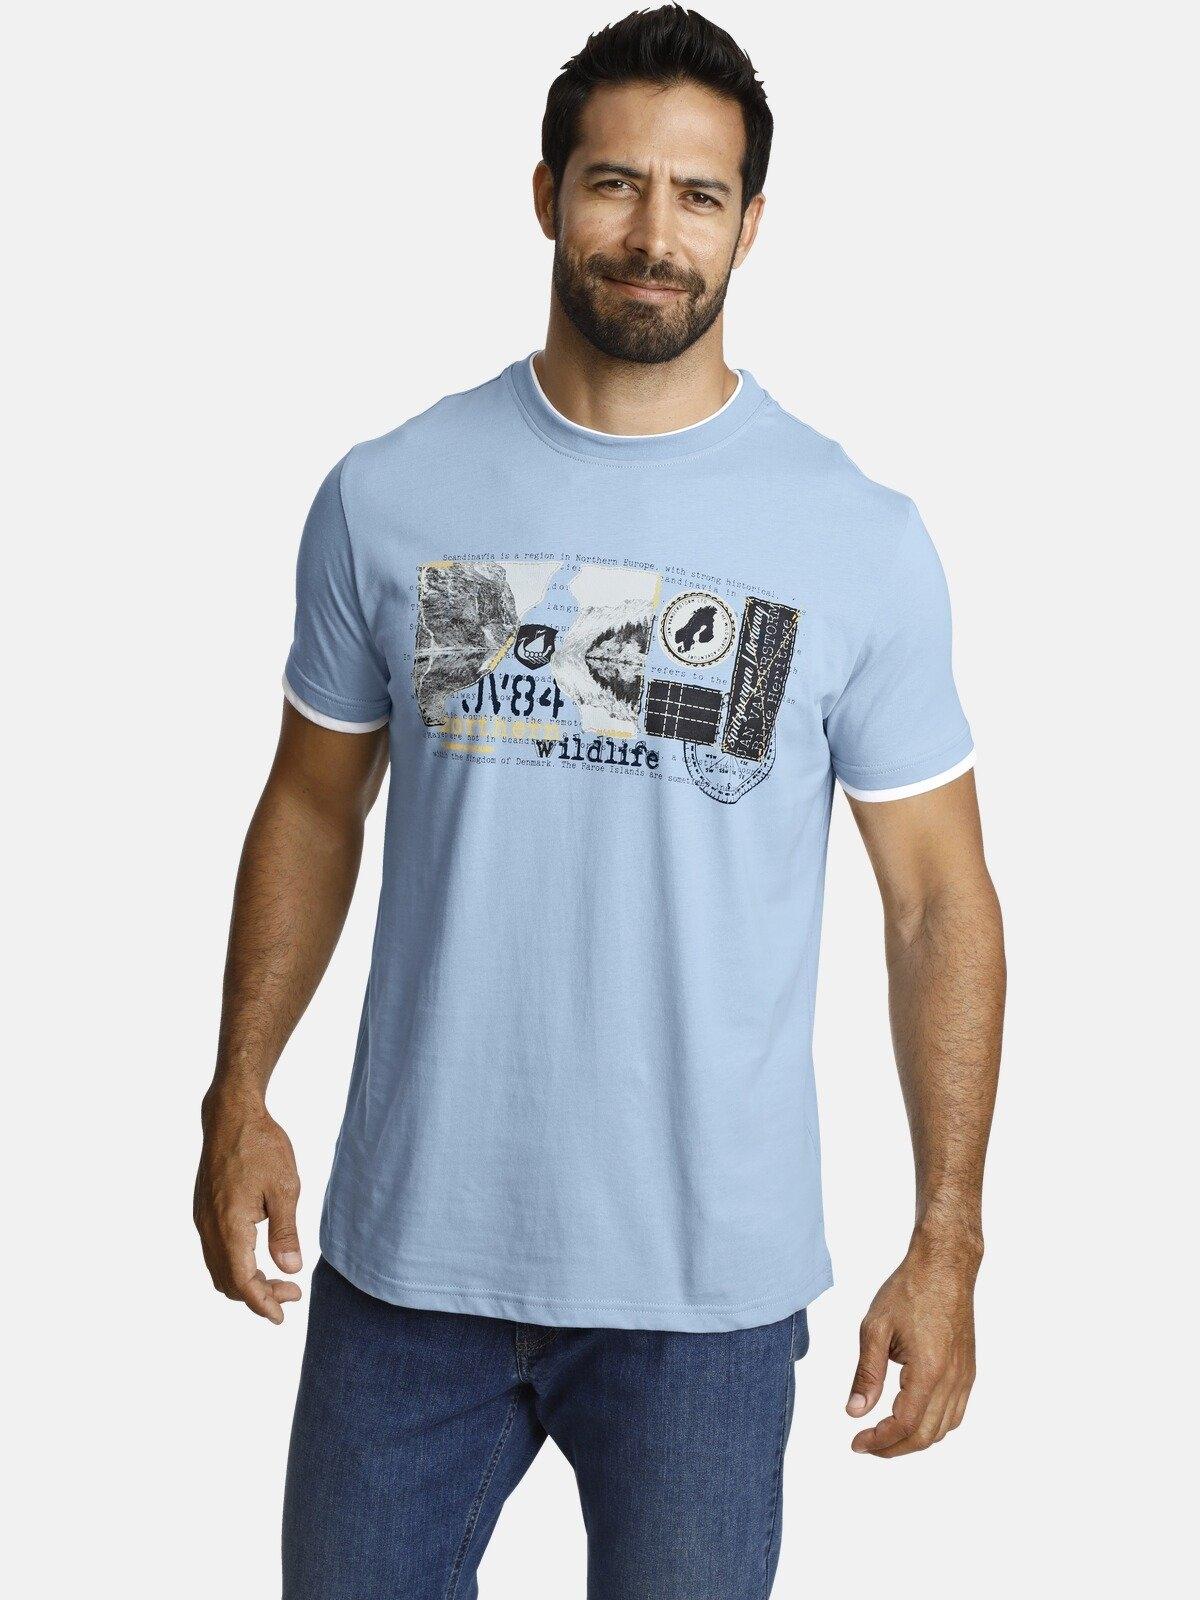 Jan Vanderstorm T-shirt »ERLING« veilig op otto.nl kopen